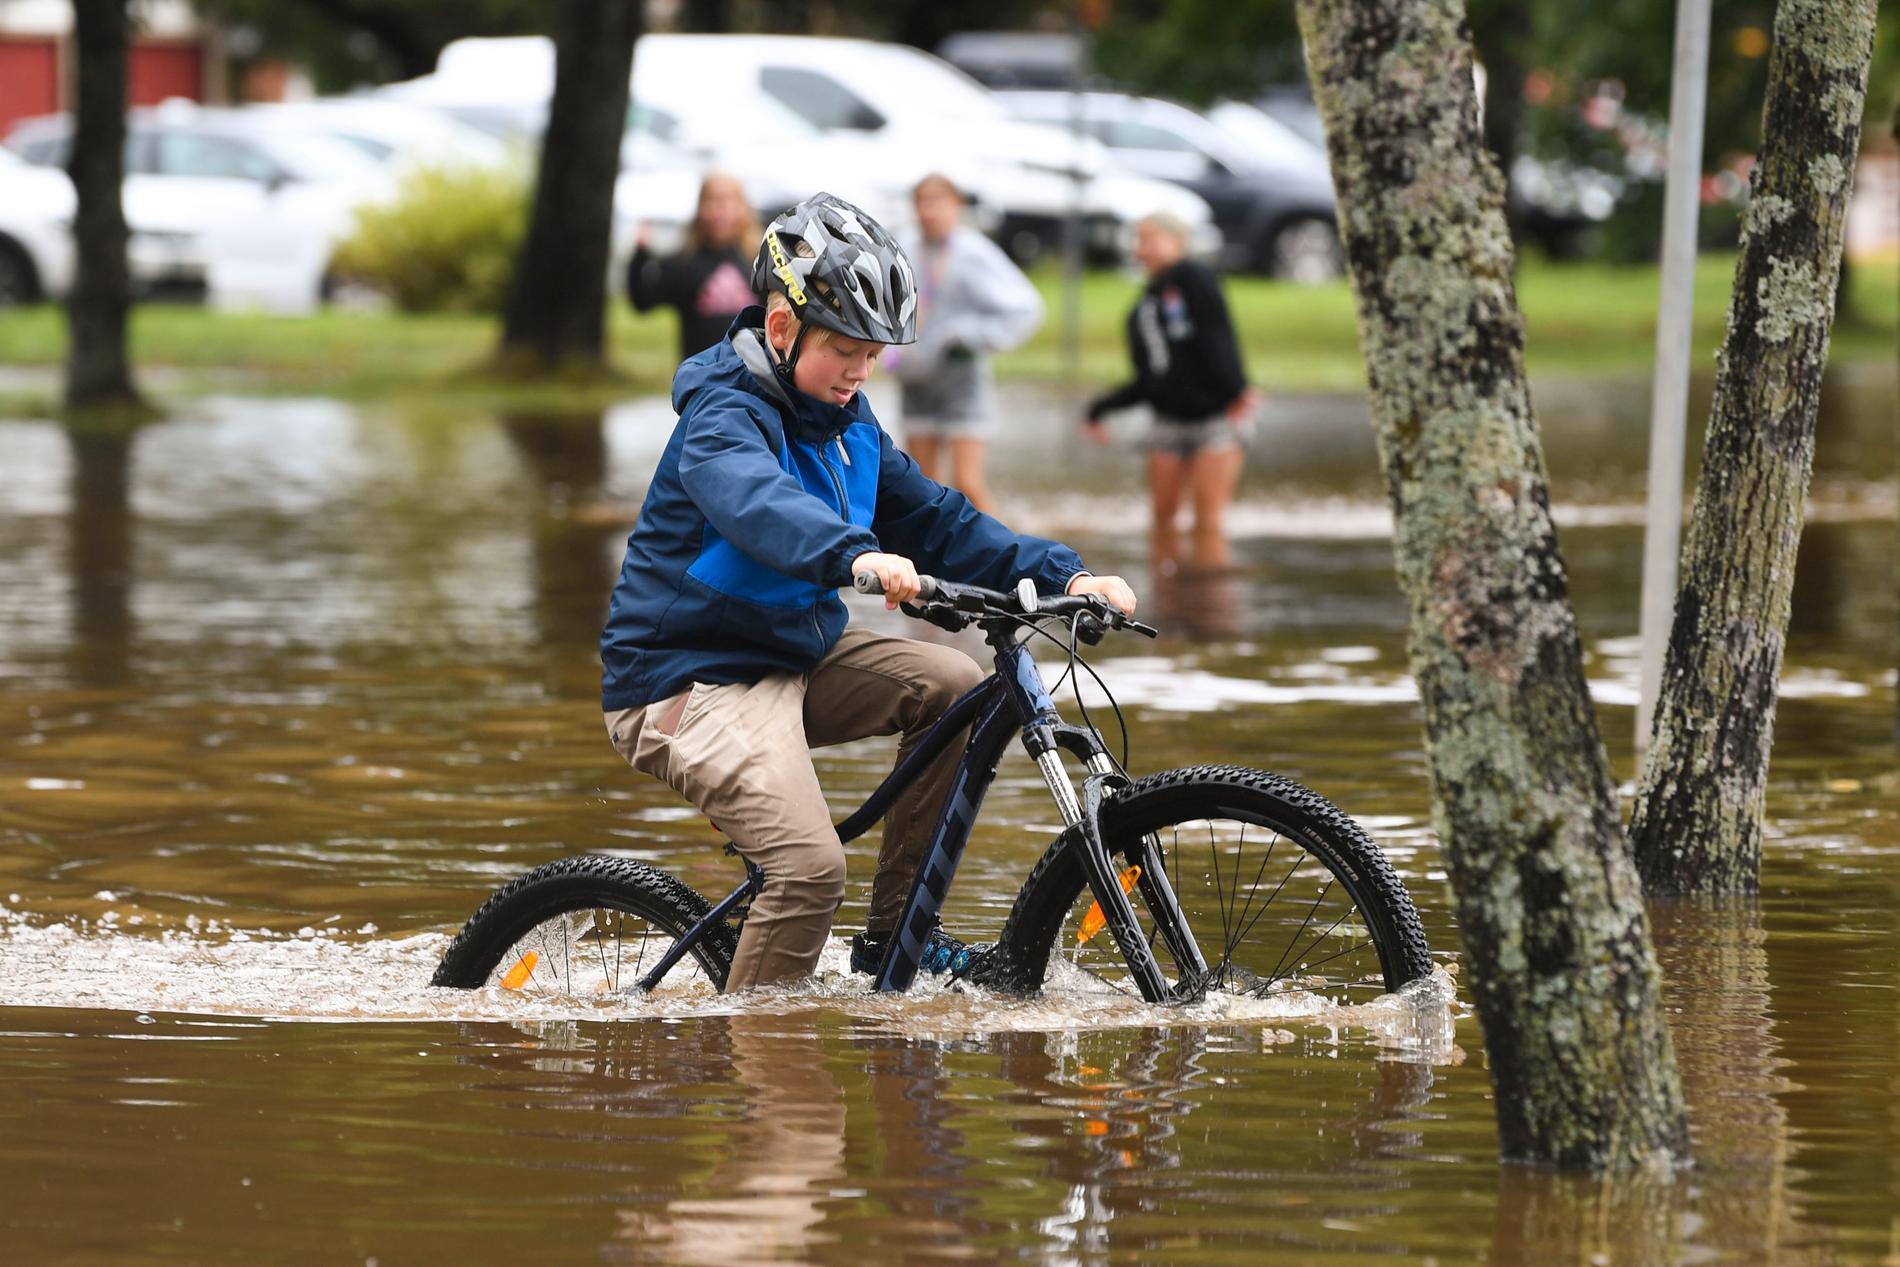 På torsdag öppnar Gävles skolor igen efter det kraftiga regnoväder som orsakat stora översvämningar runt om i länet.